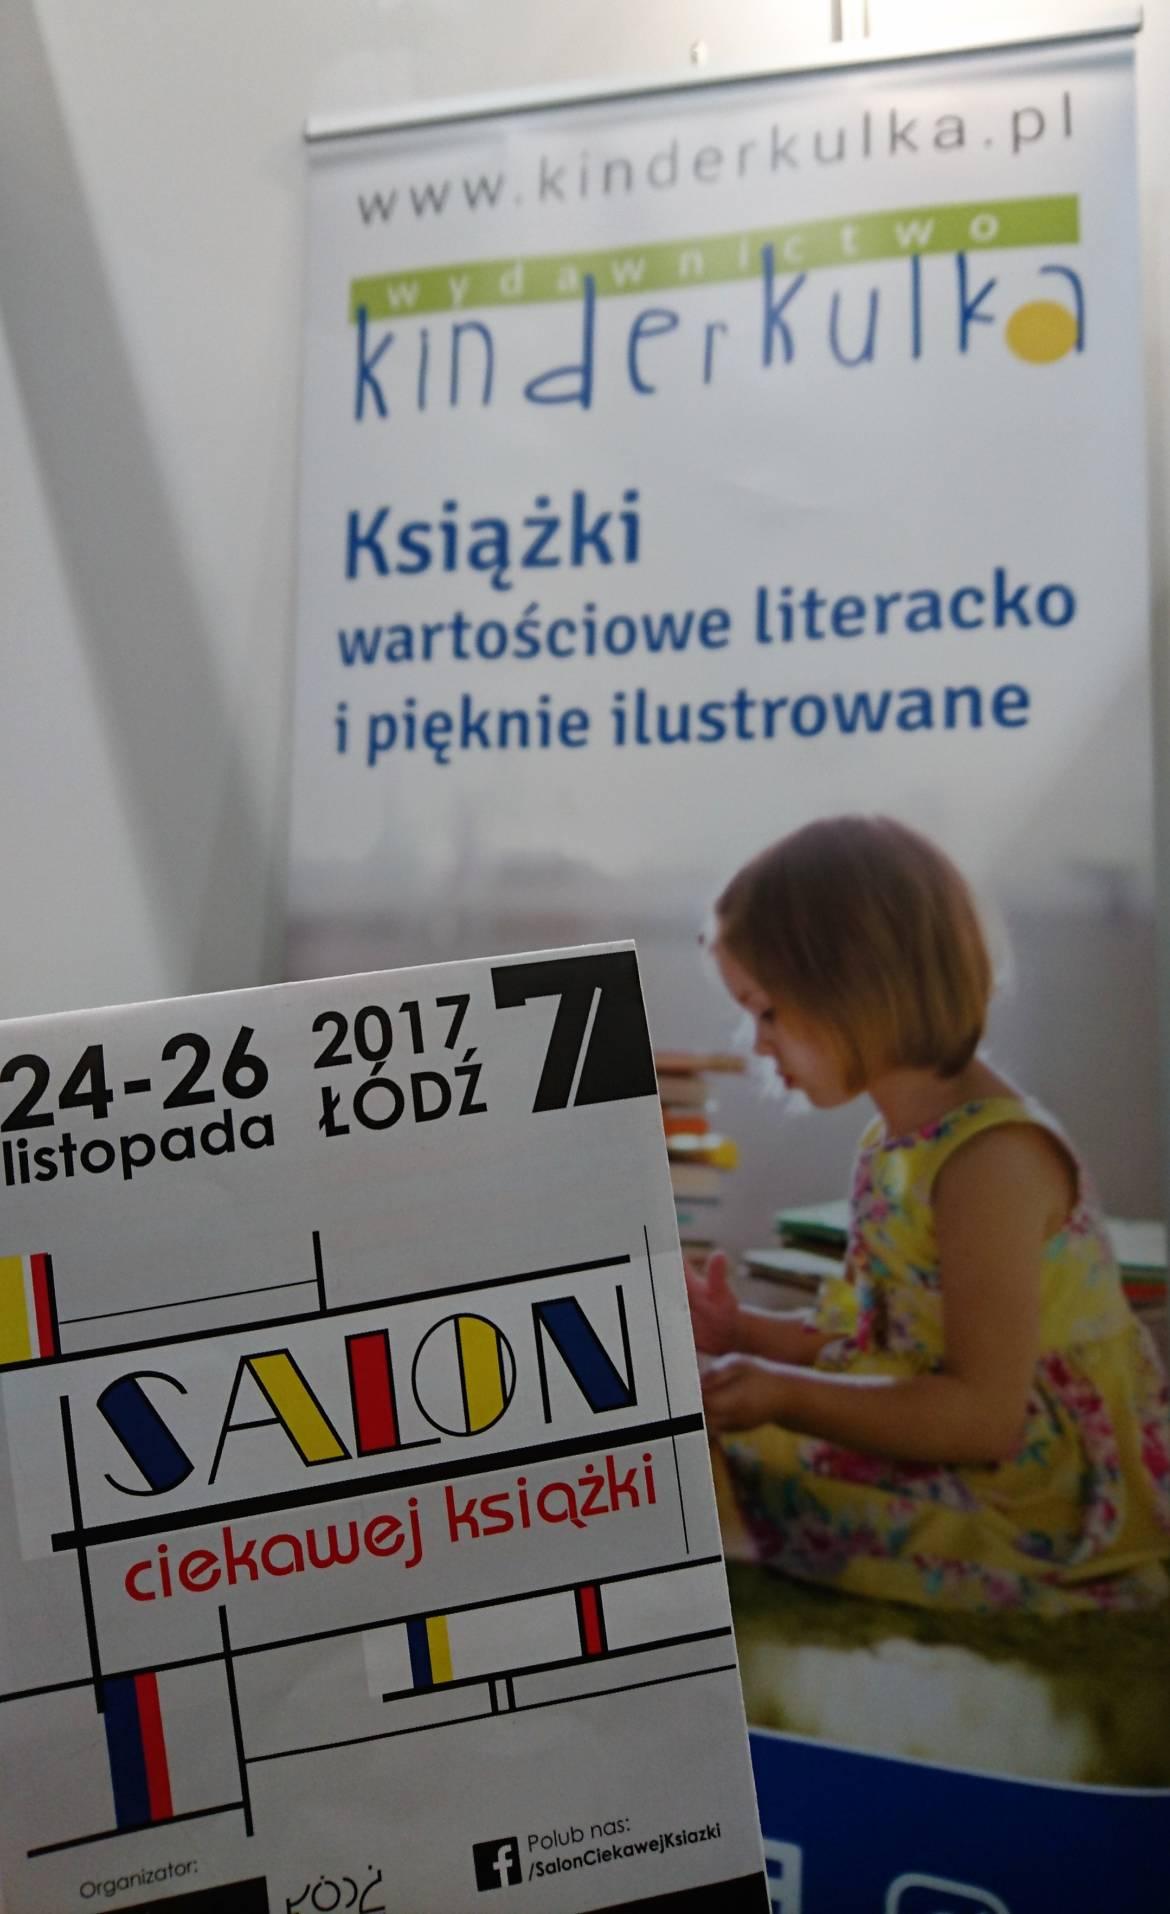 salon_ciekawej_ksiazki_wydawnictwo_kinderkulka_4.jpg